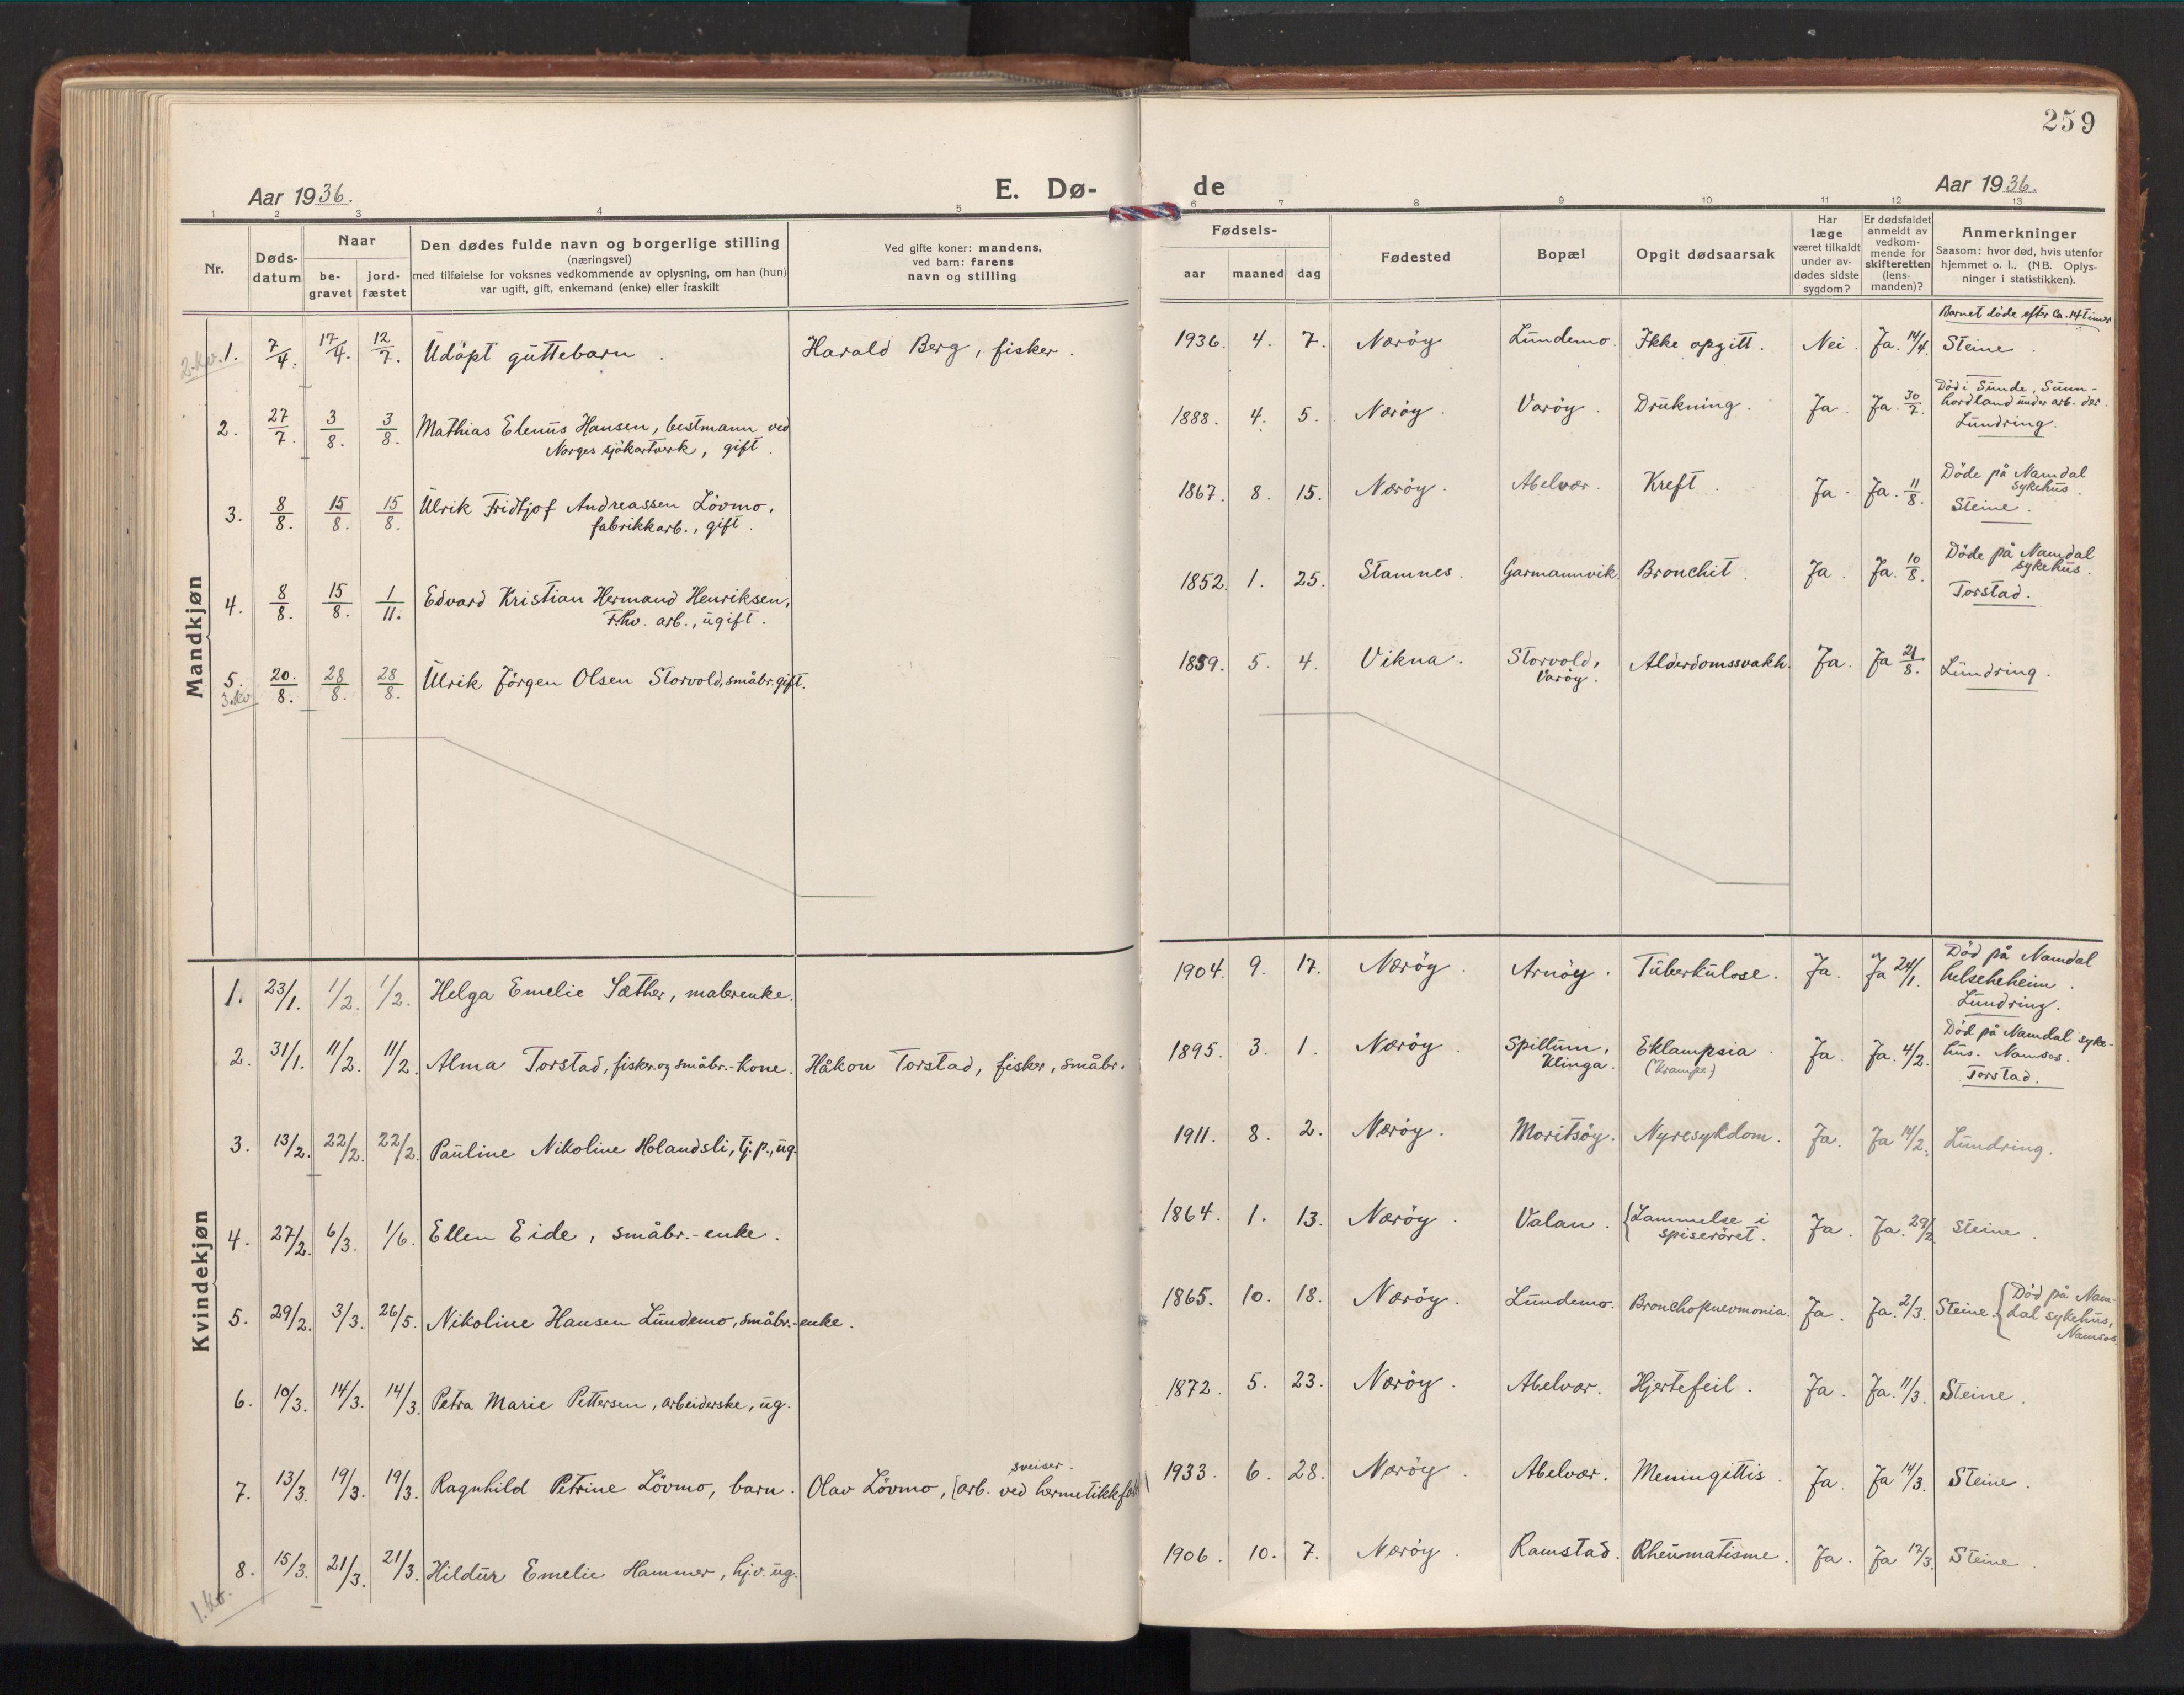 SAT, Ministerialprotokoller, klokkerbøker og fødselsregistre - Nord-Trøndelag, 784/L0678: Ministerialbok nr. 784A13, 1921-1938, s. 259